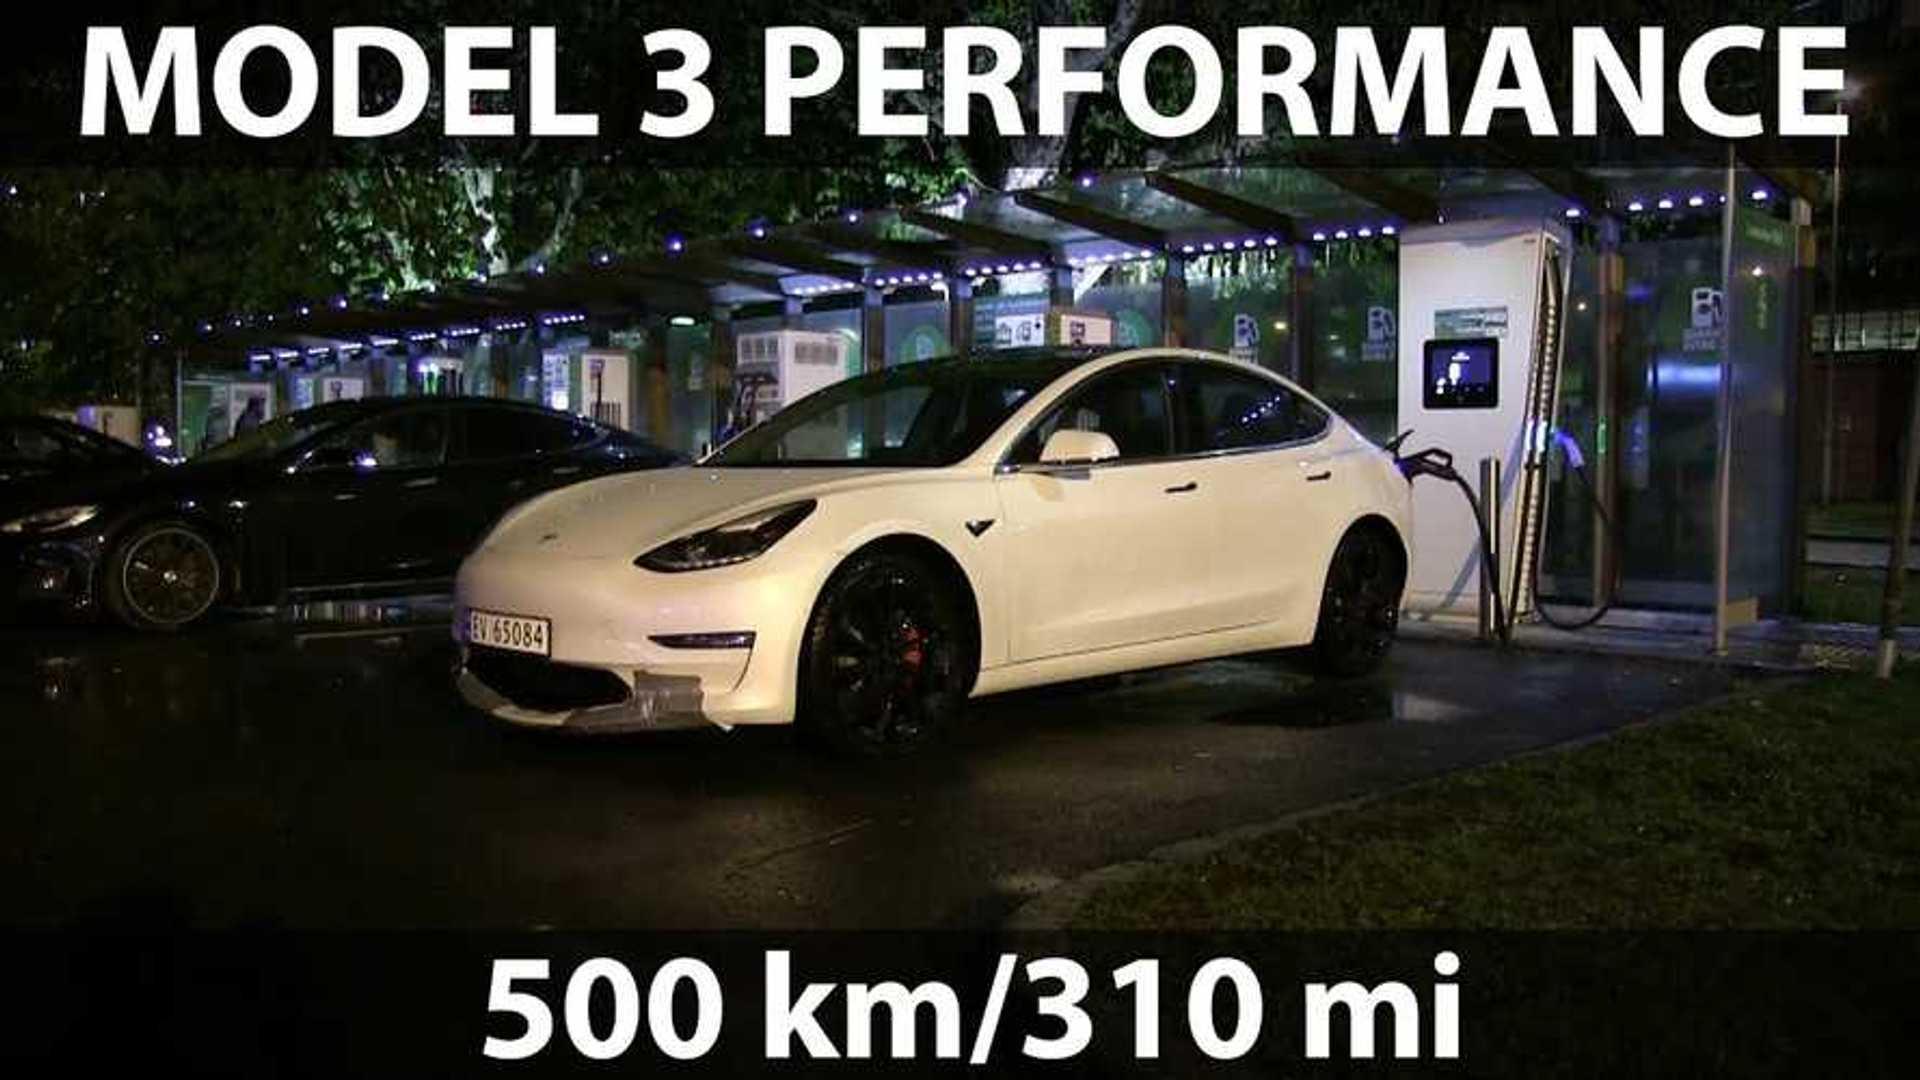 Bjørn Nyland Tests Tesla Model 3 Performance Battery Capacity